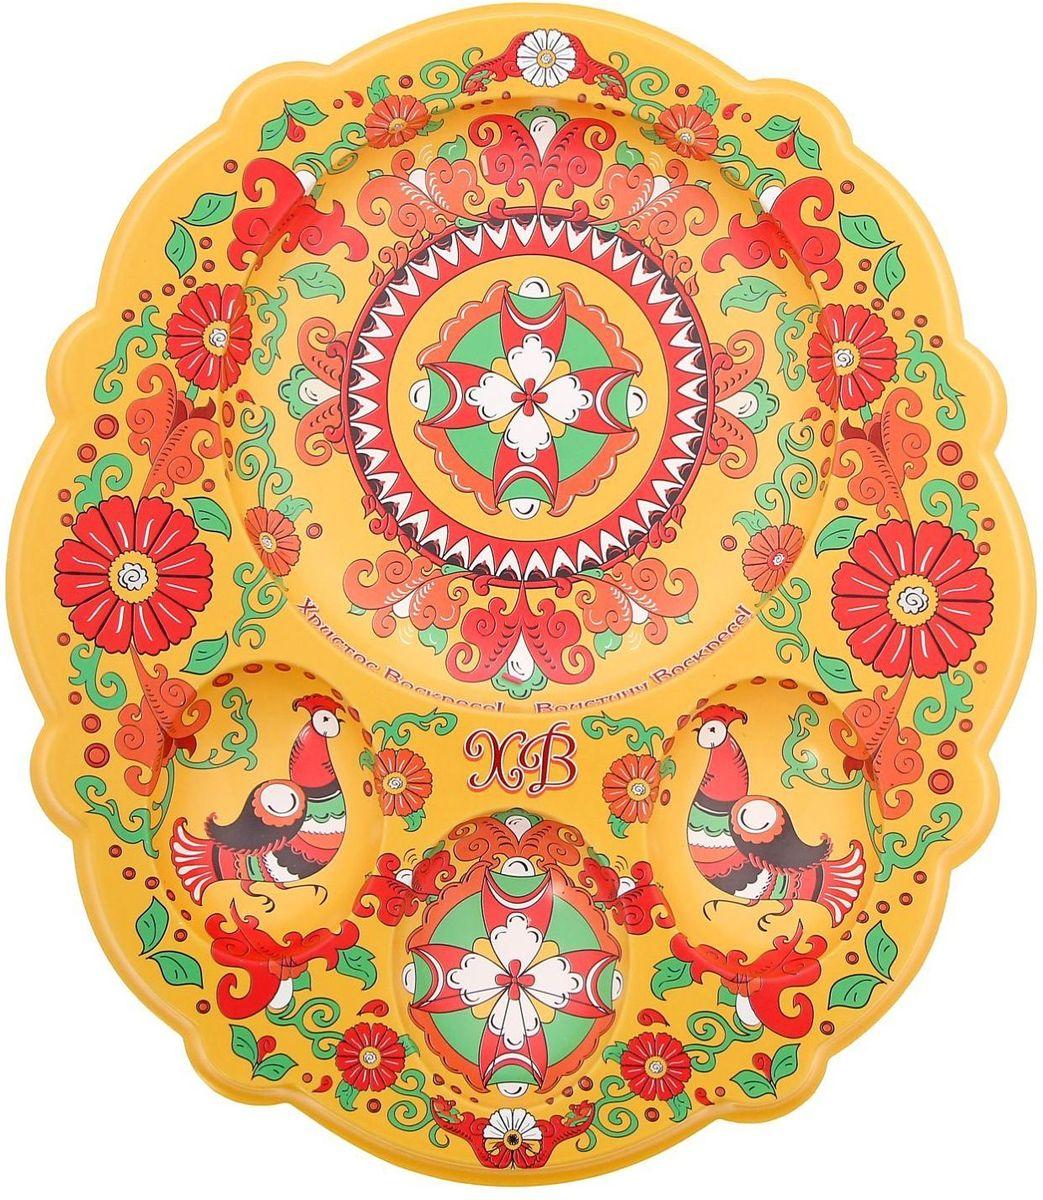 Подставка пасхальная, на 3 яйца и кулич, 19 х 22 см. 1253087VT-1520(SR)Пасхальная подставка для 3 яйц и кулича изготовлена из качественного пластика, в центре имеется яркая вставка. Аксессуар станет достойным украшением праздничного стола, создаст радостное настроение и наполнит пространство вашего дома благостной энергией на весь год вперёд.Подставка будет ценным памятным подарком для родных, друзей и коллег.Радости, добра и света вам и вашим близким!